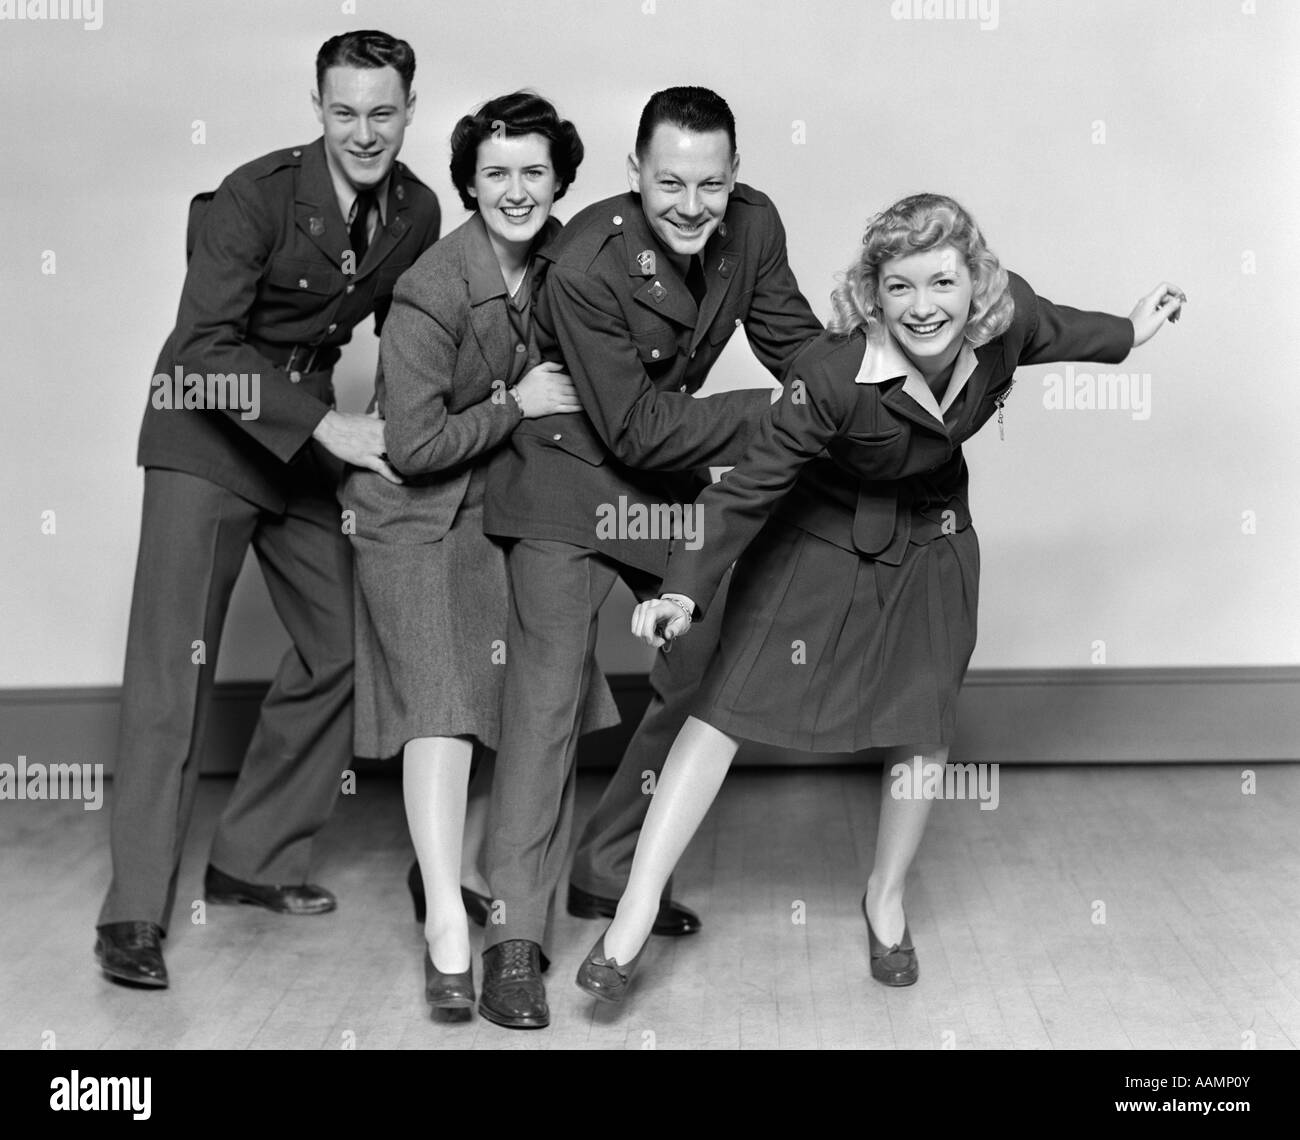 1940s CONGA linea due soldati uomini e due donne che danzano sorridente guardando la fotocamera Immagini Stock